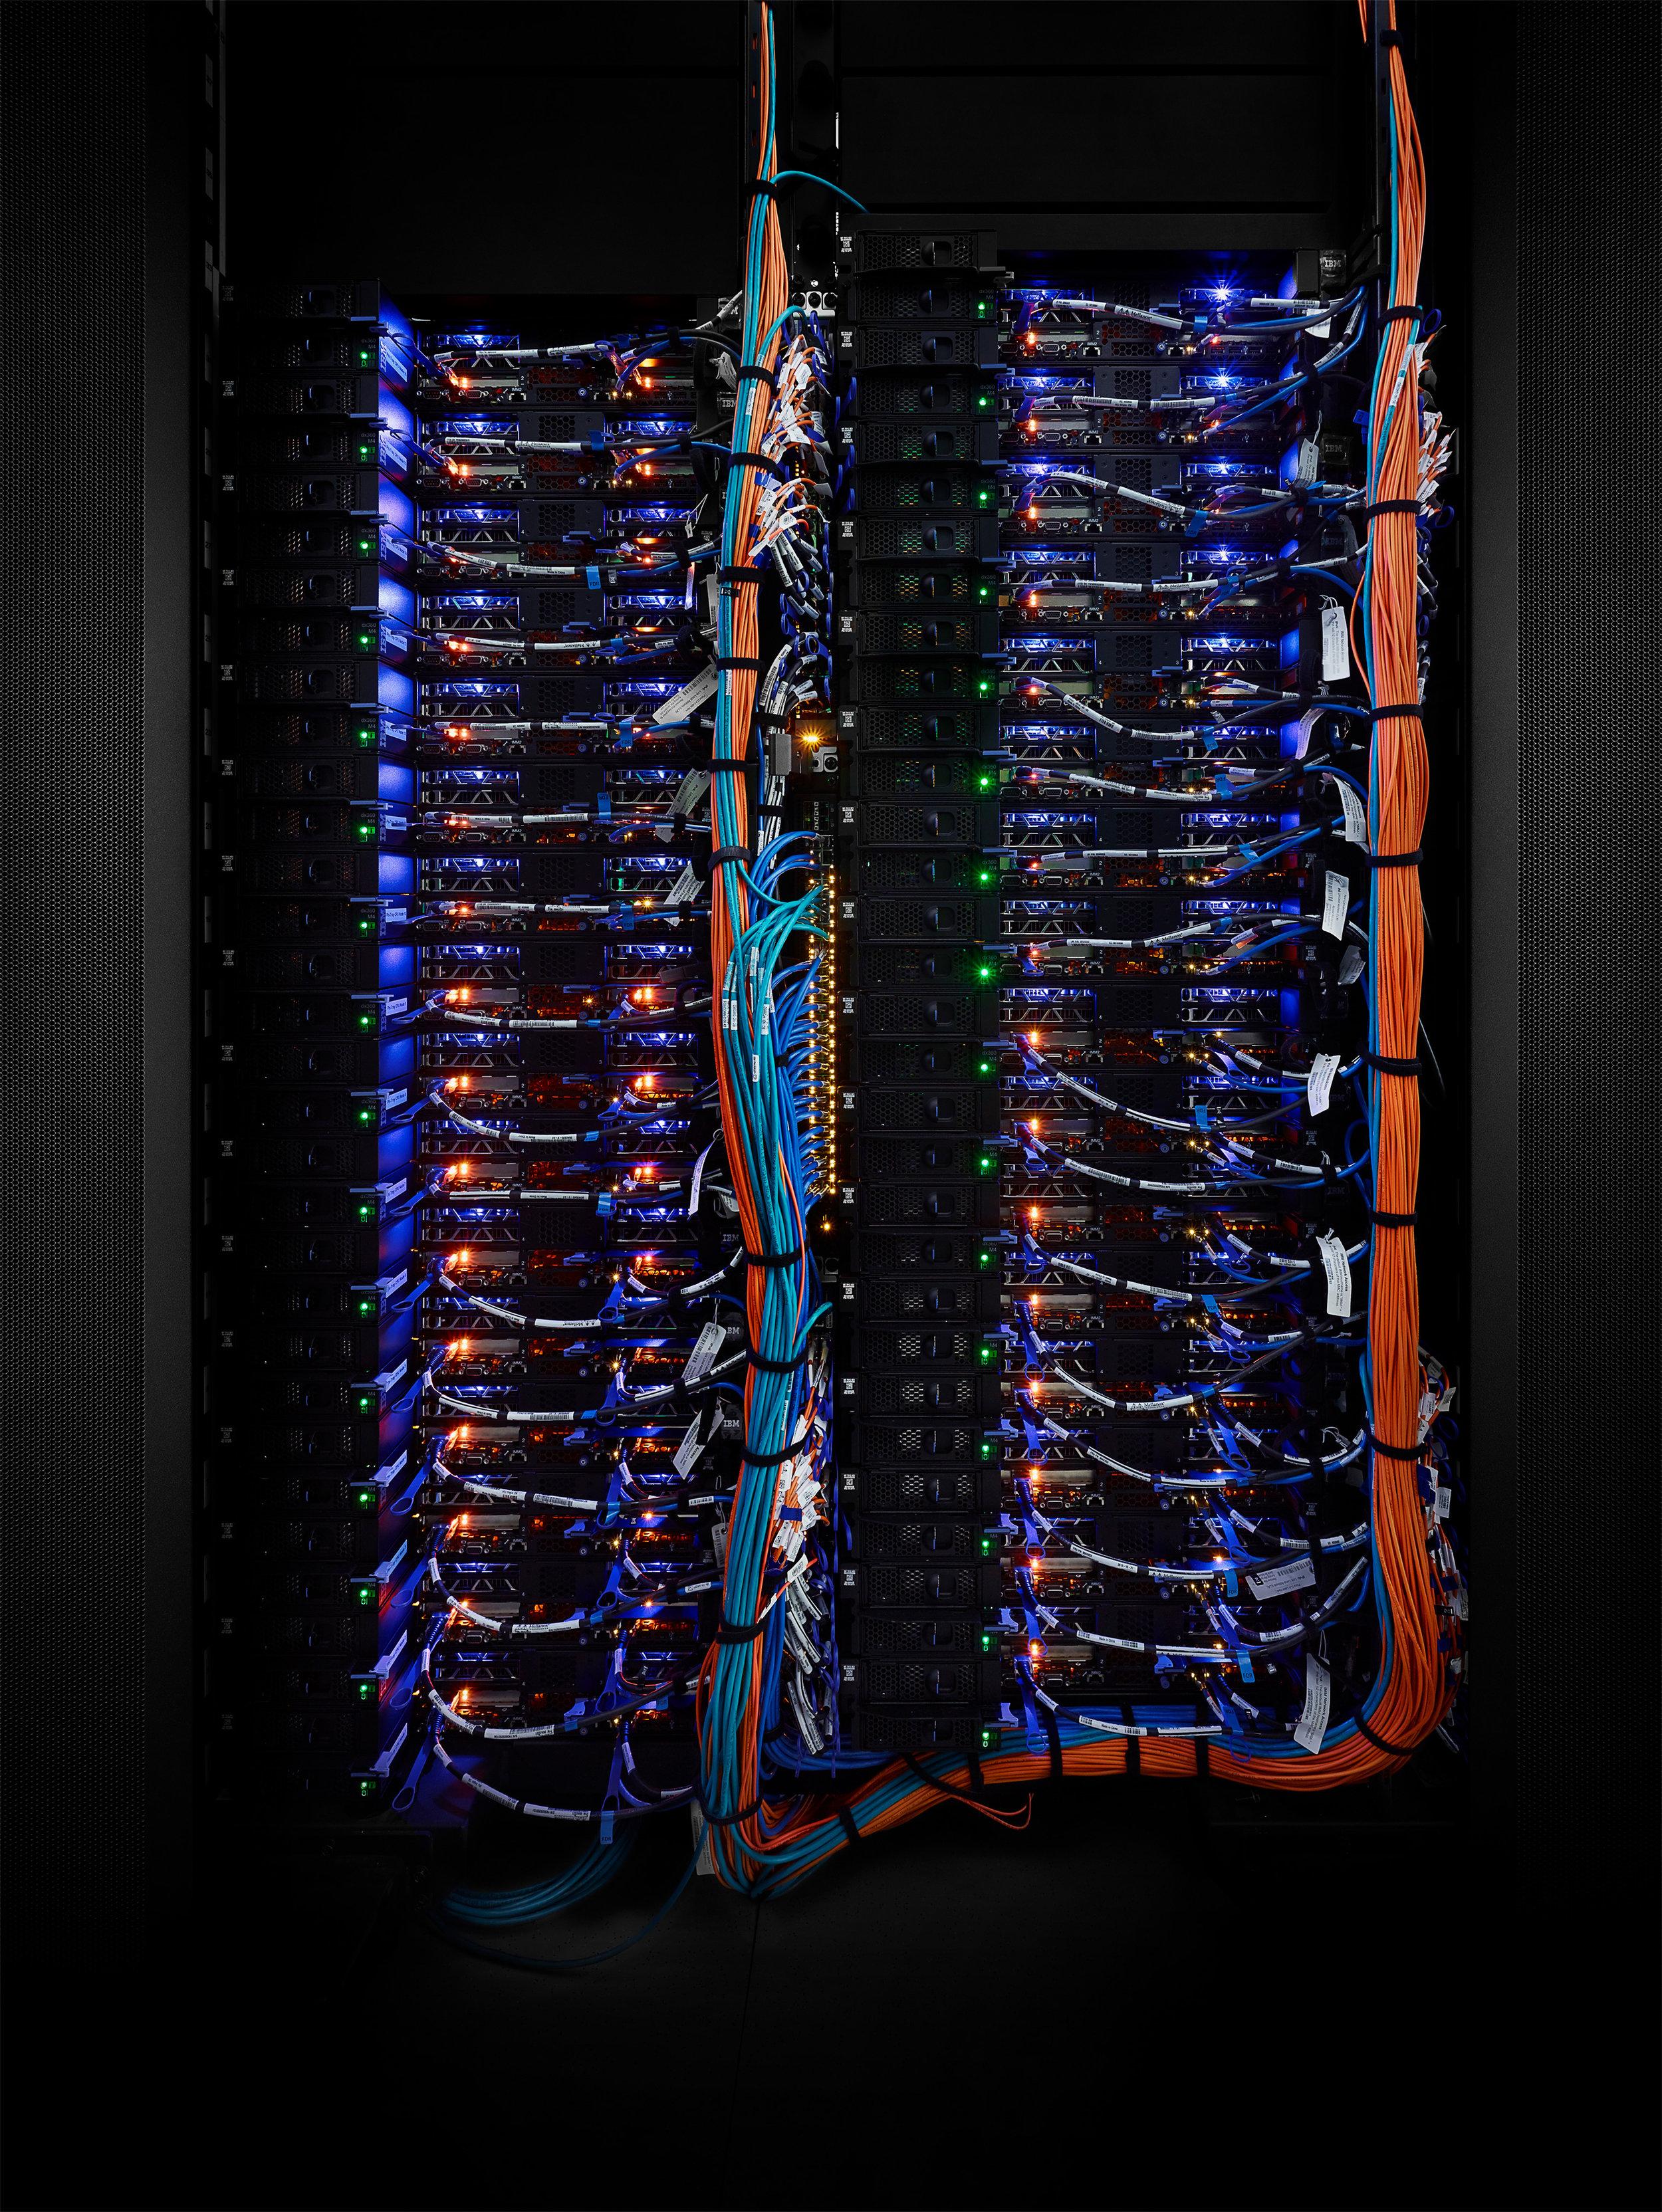 170126_BA_Motiv_4_heller-web4048.jpg